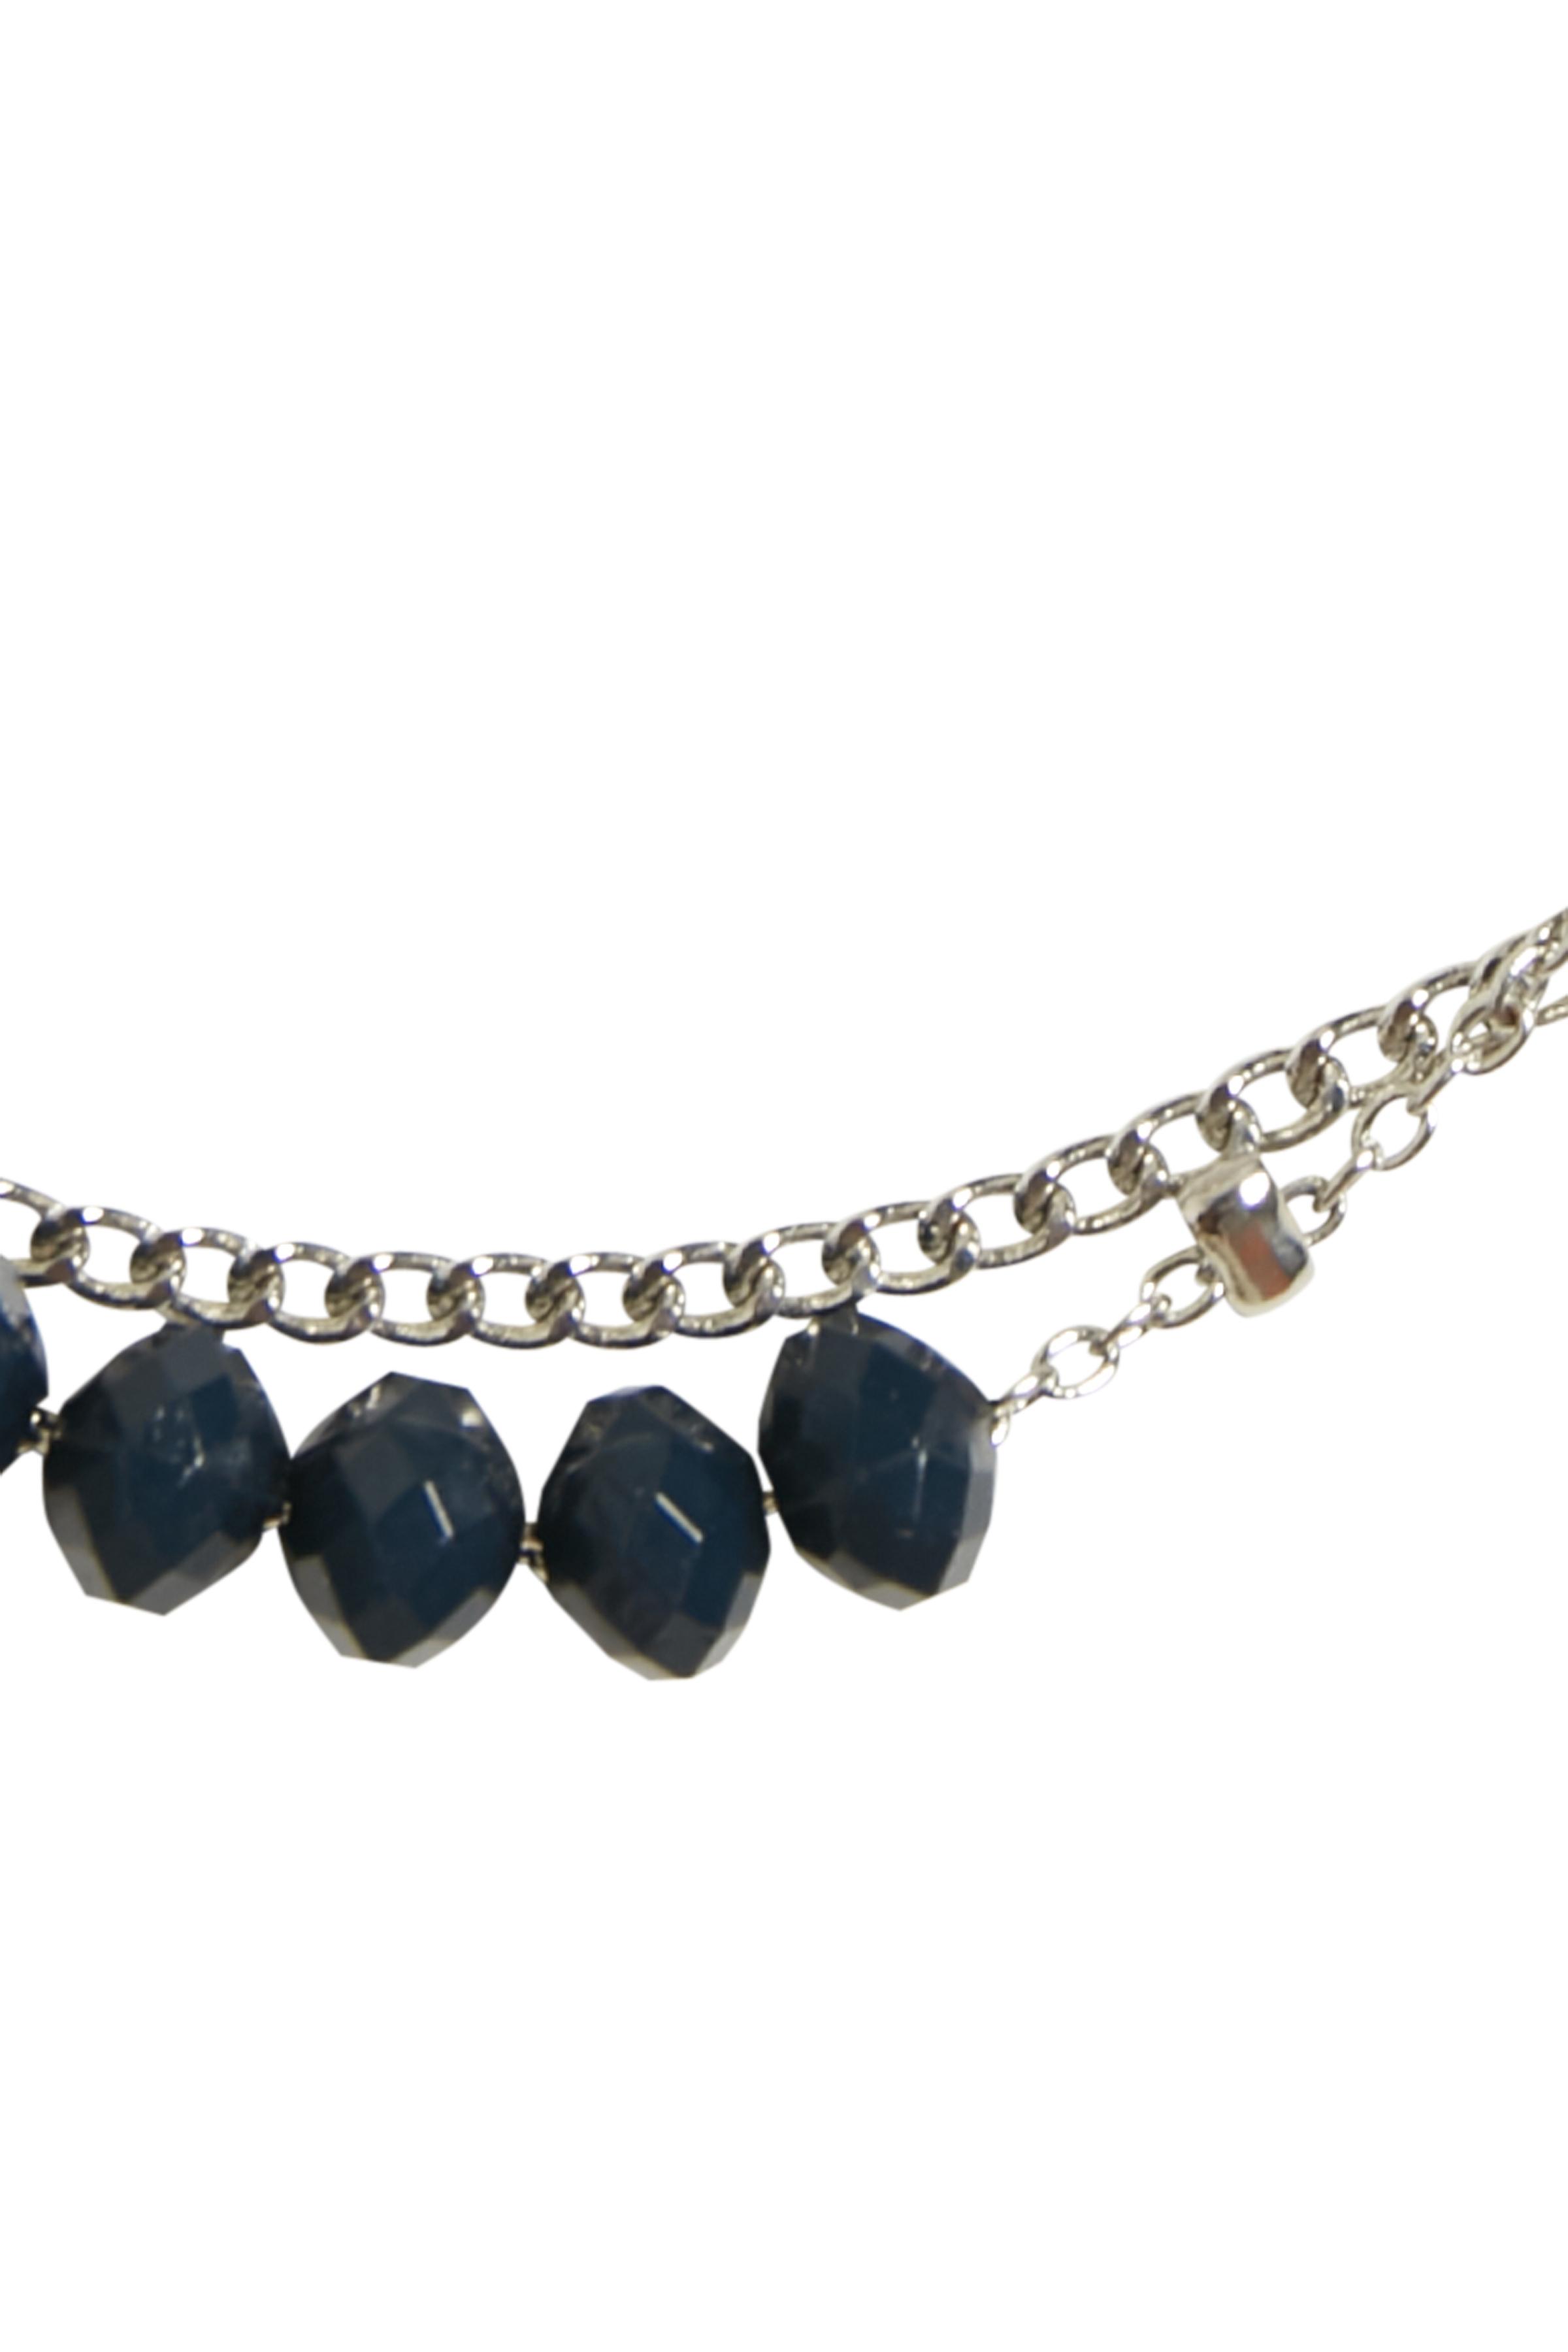 Sølv Smykker fra Fransa – Køb Sølv Smykker fra str. ONE her